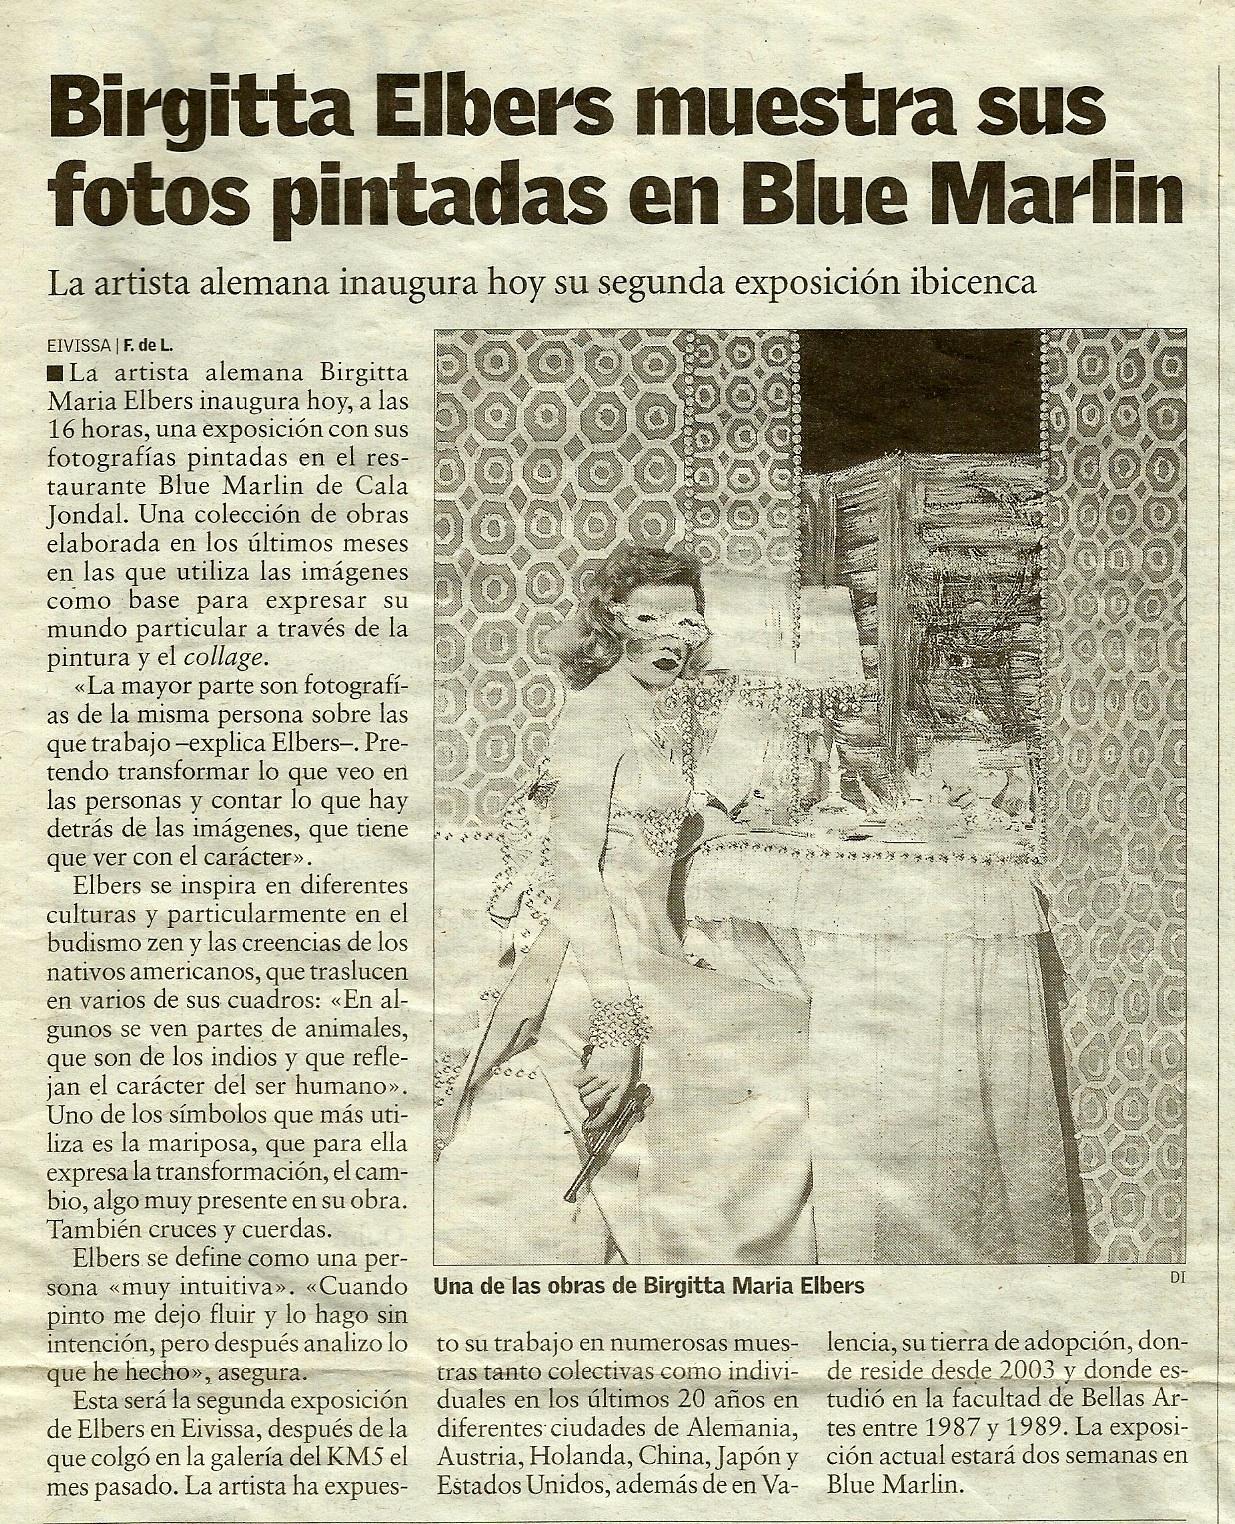 2009-diario-de-ibiza-mayo-2009-1-opt